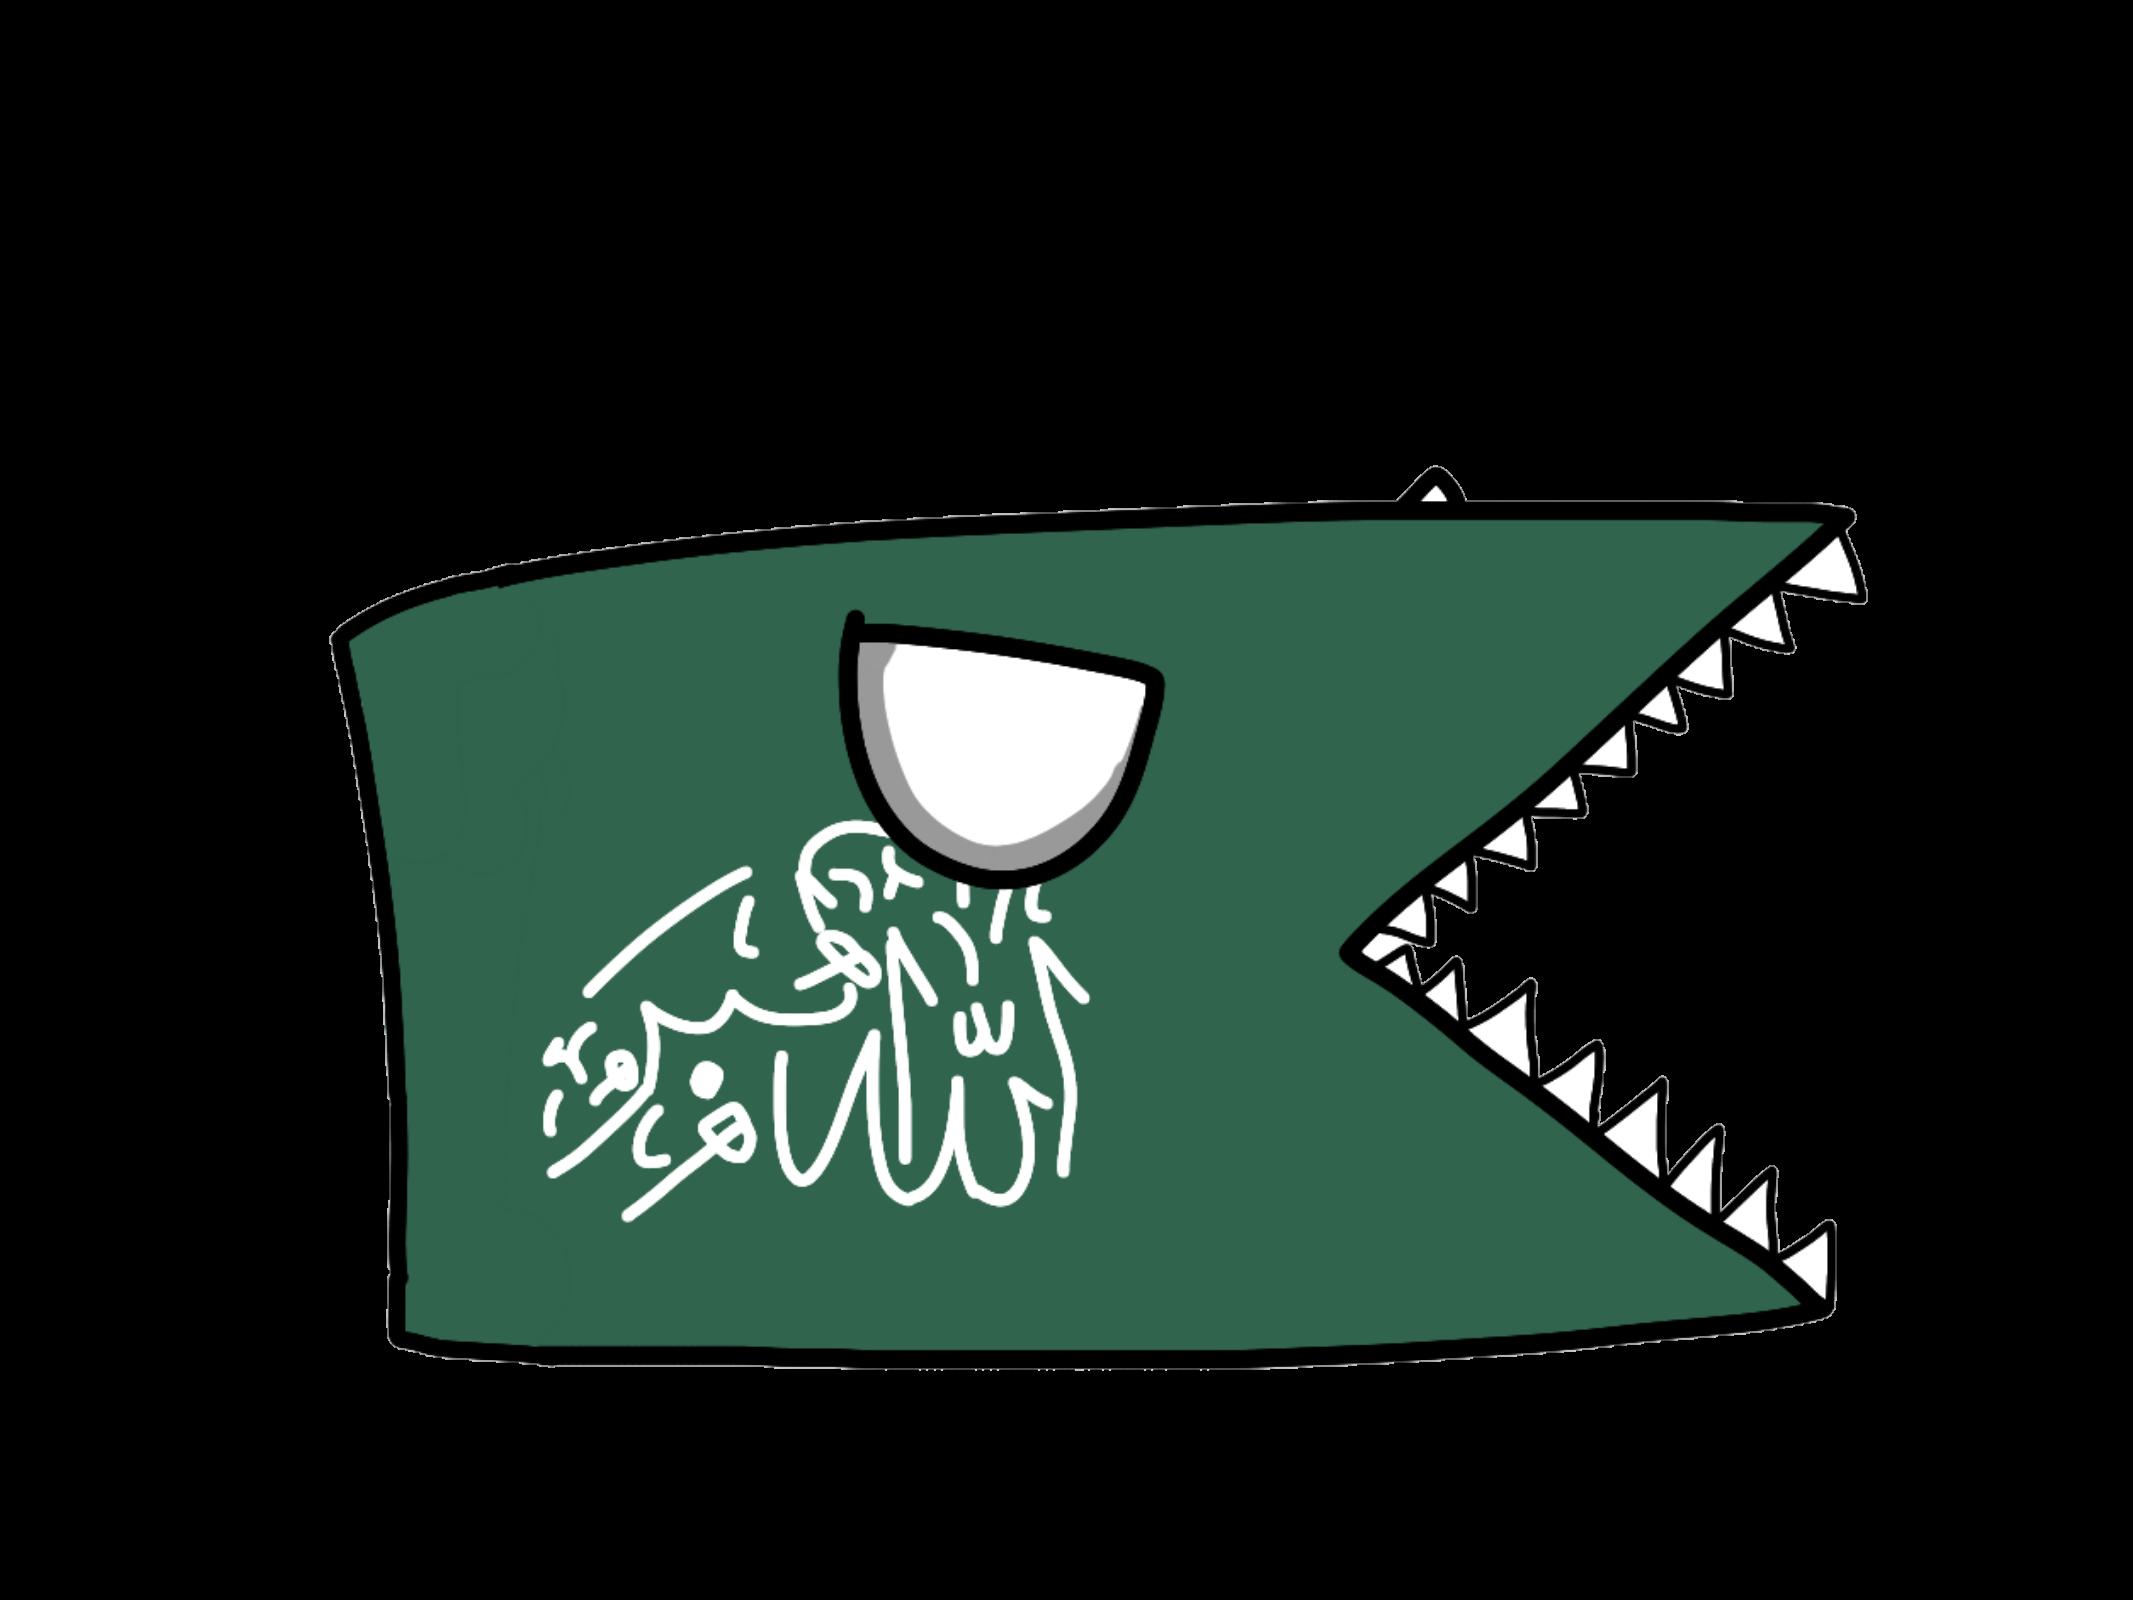 Tulunidsrawr